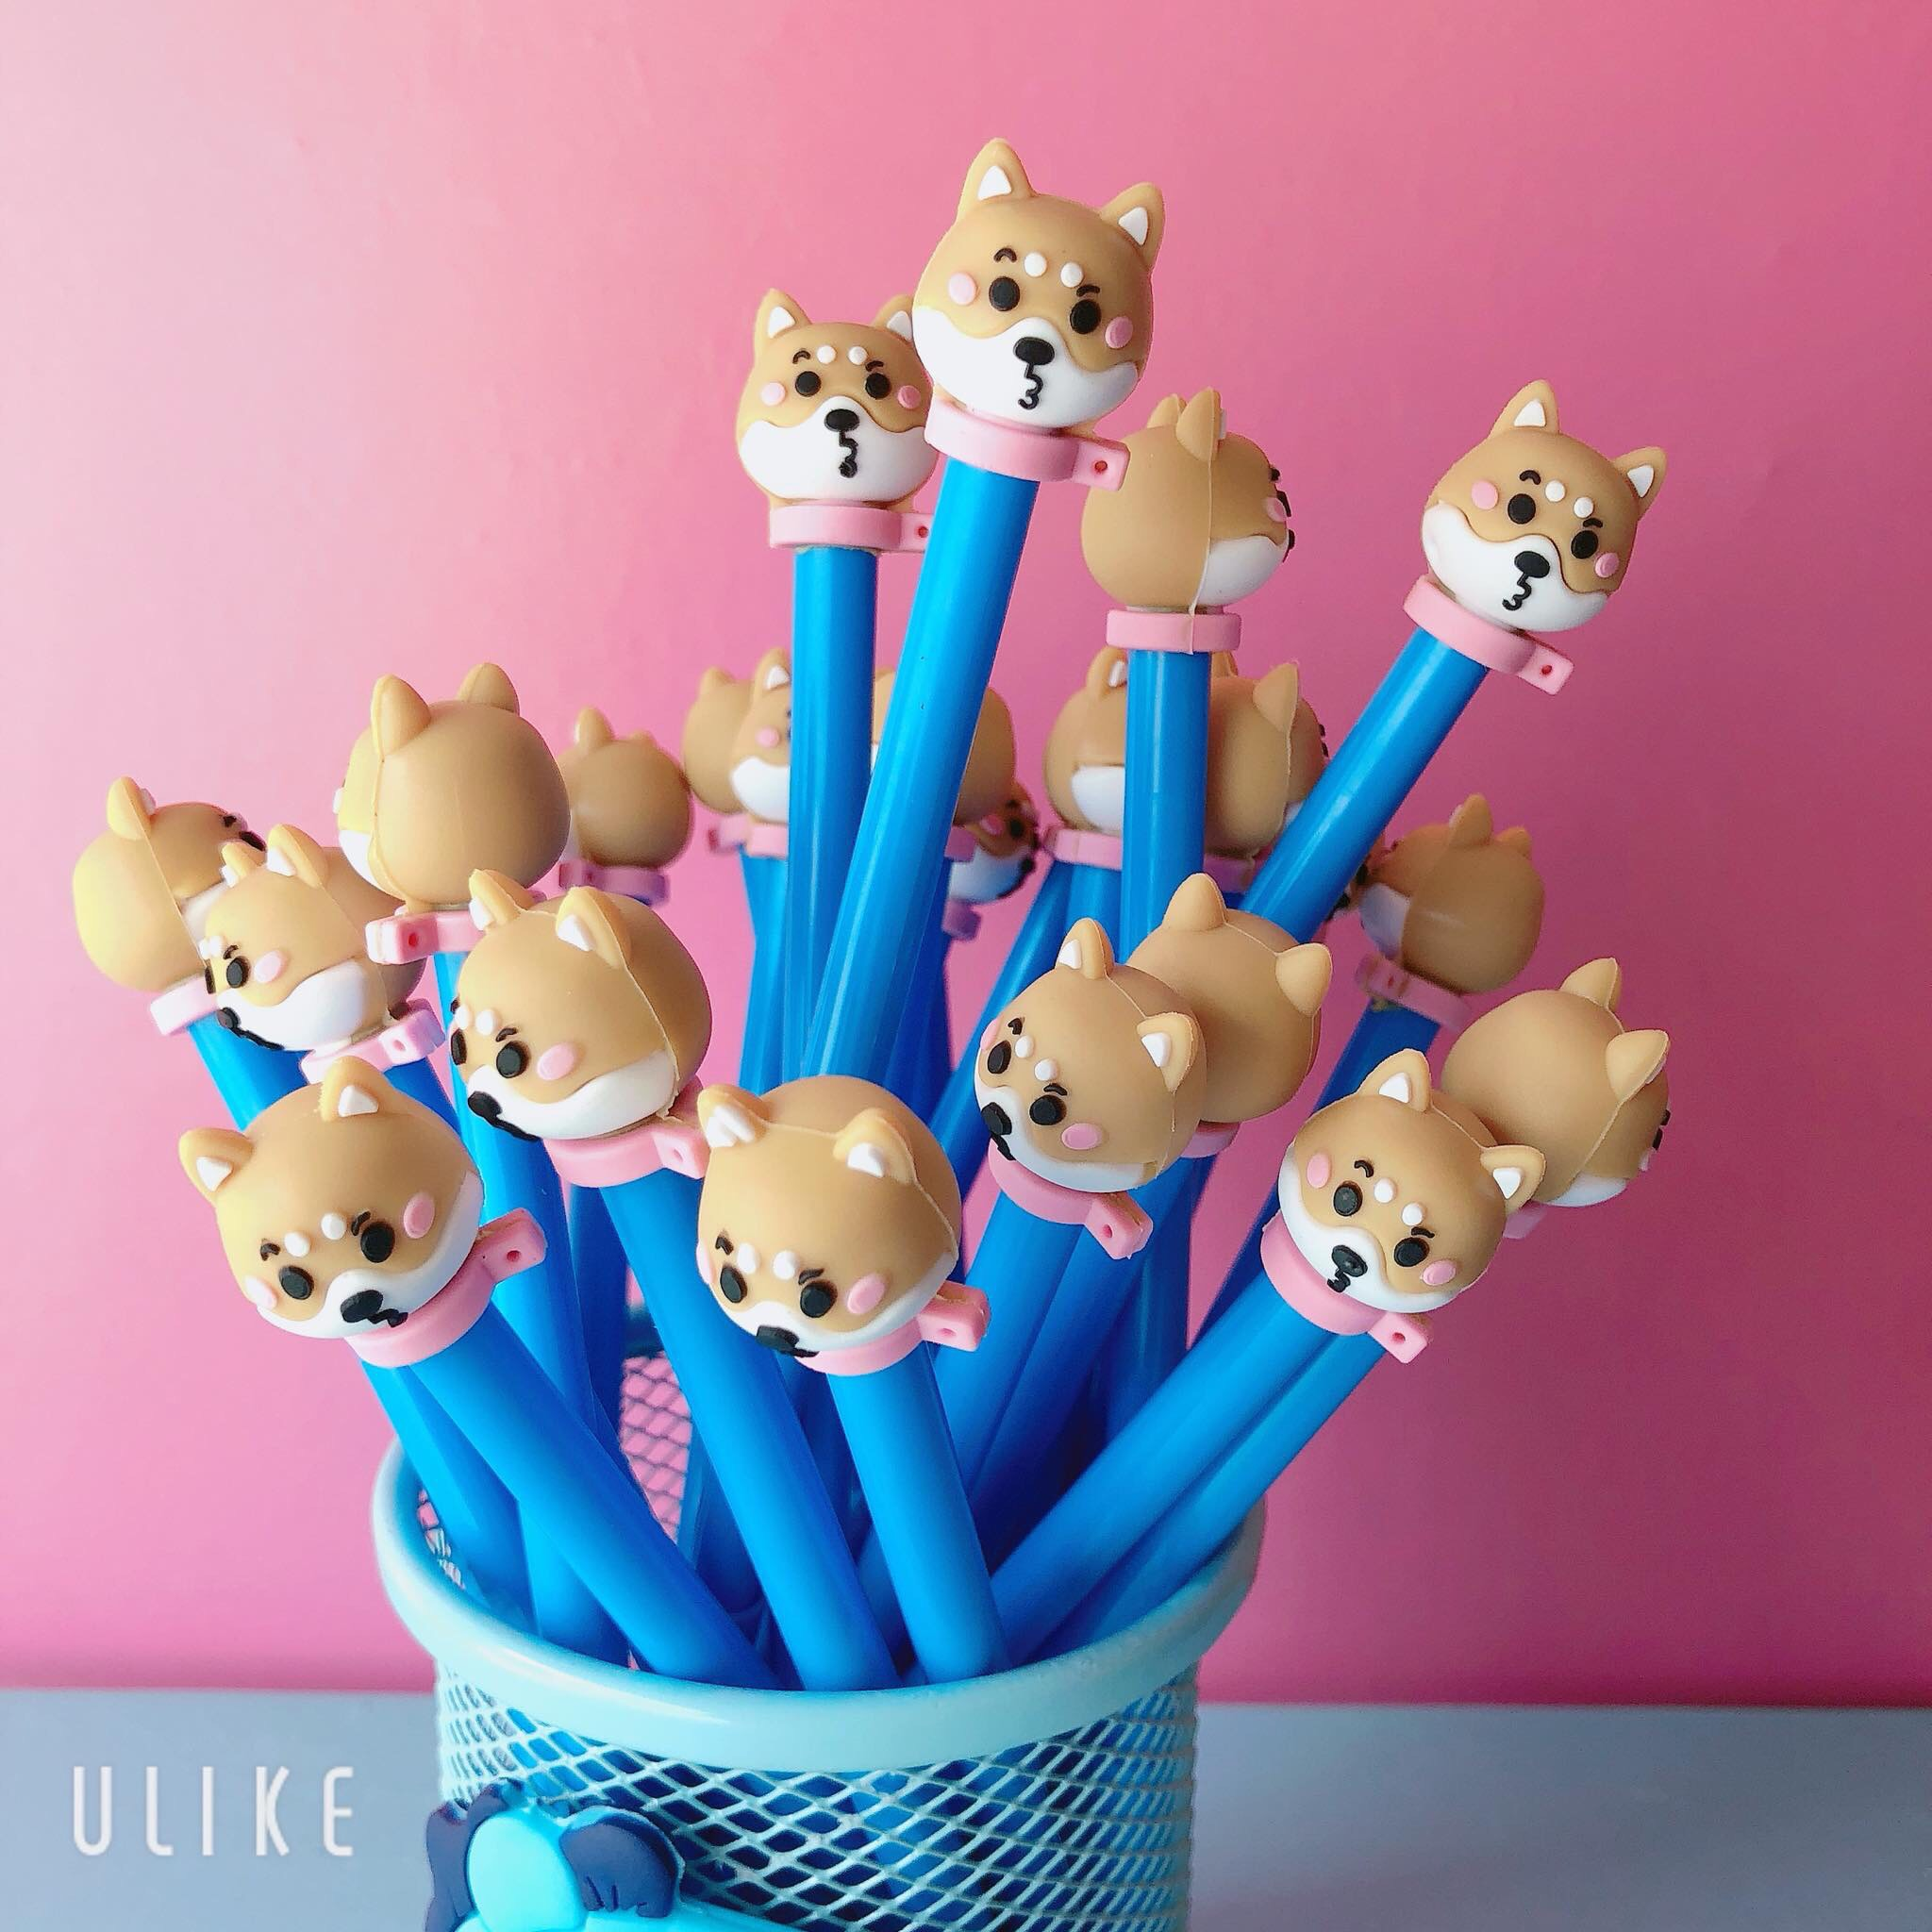 Set 10 bút Cute lẫn lộn hình